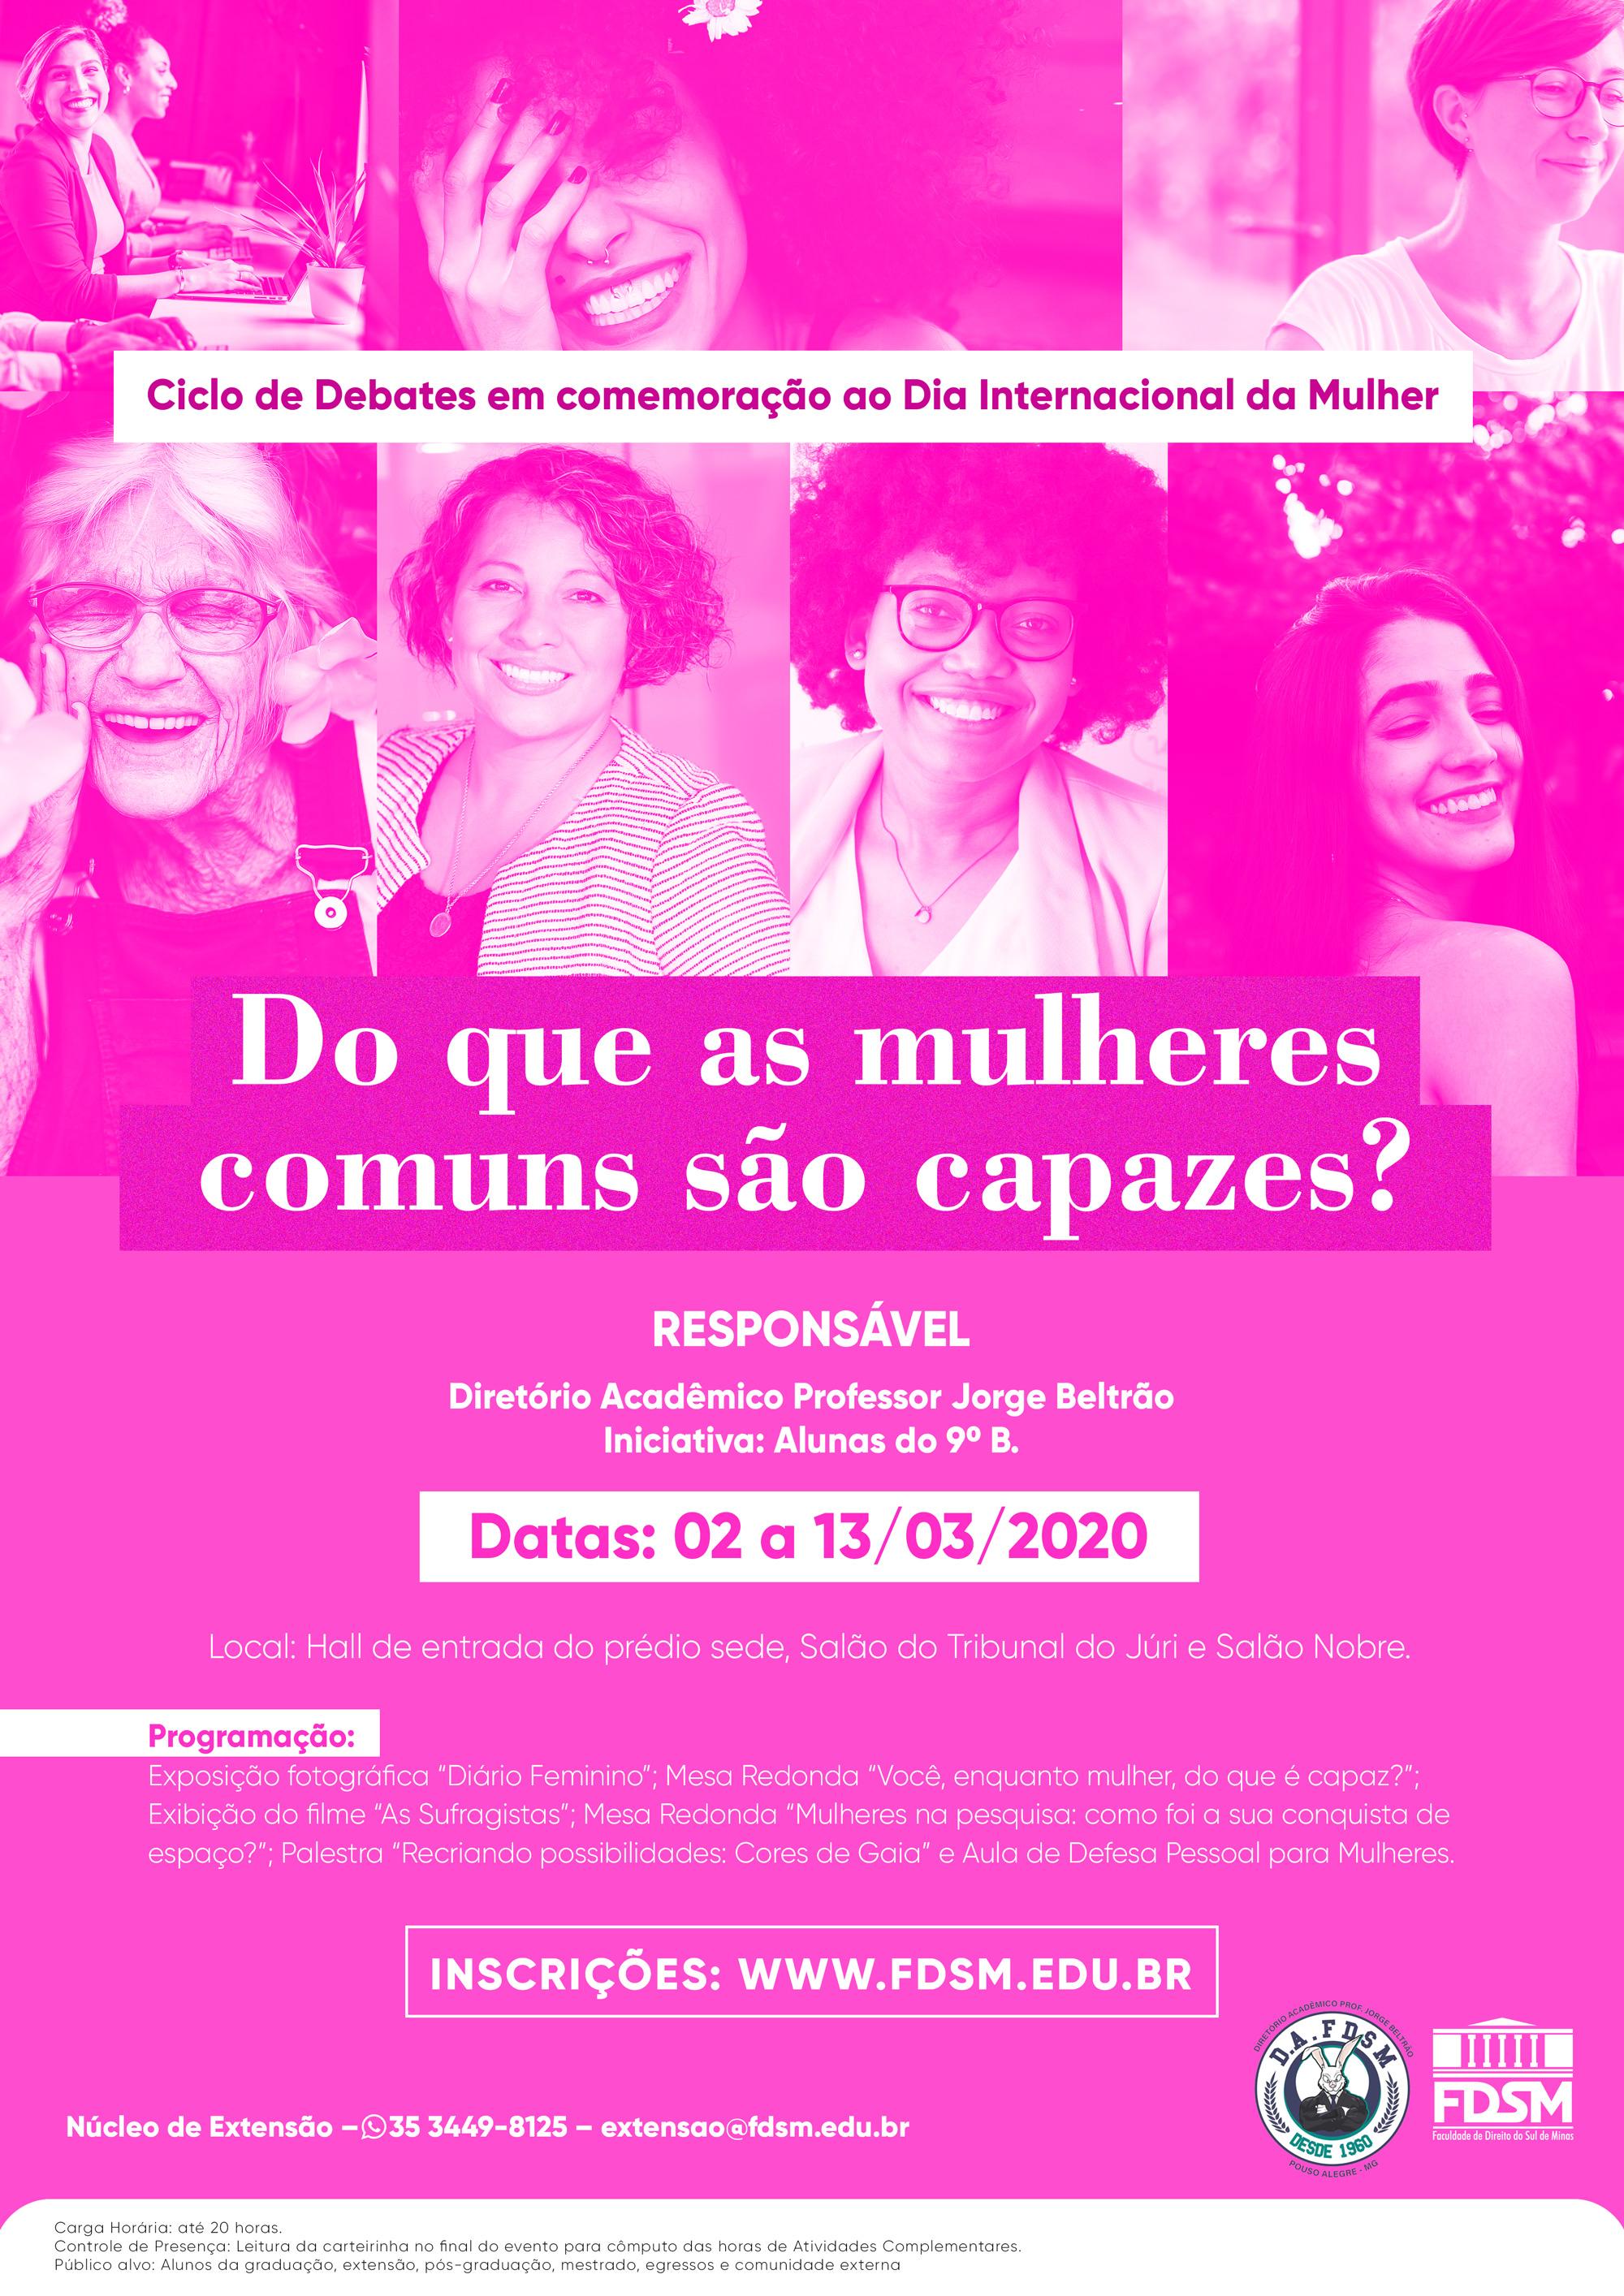 Noticia 6280 - CICLO DE DEBATES EM COMEMORAÇÃO DO DIA INTERNACIONAL DA MULHER